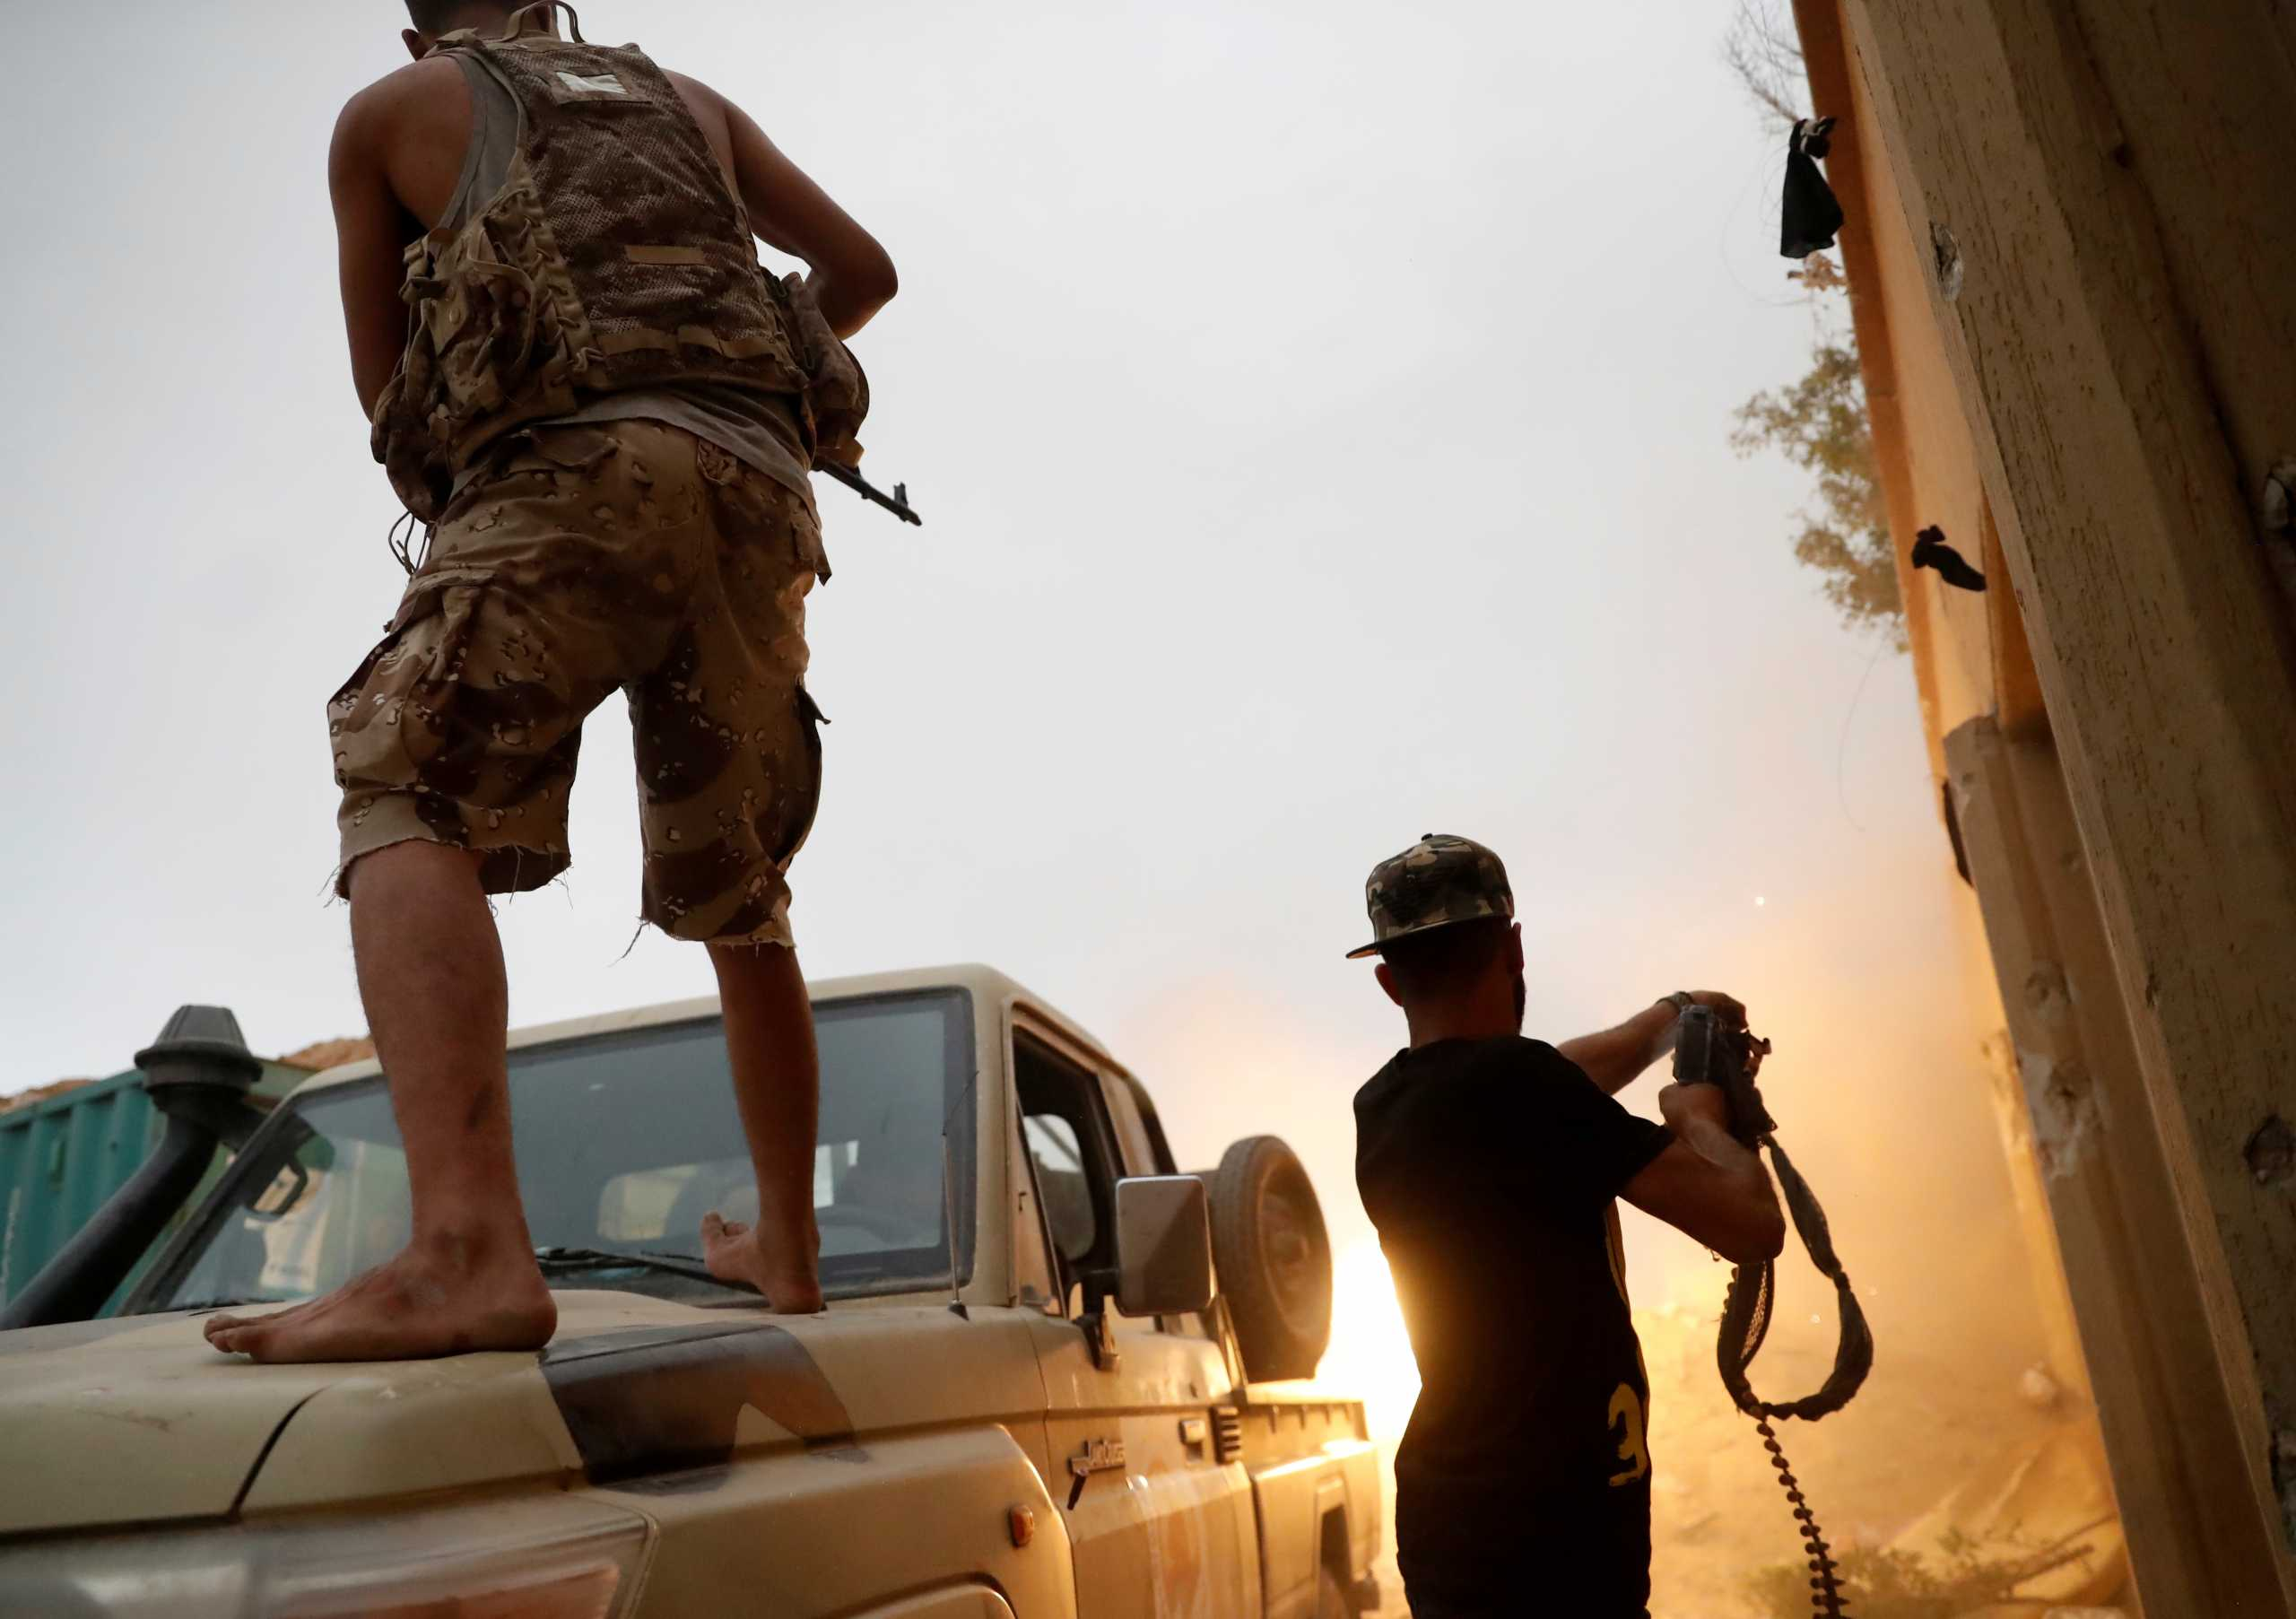 ΟΗΕ: Υπάρχουν αποδείξεις για εγκλήματα κατά της ανθρωπότητας στη Λιβύη